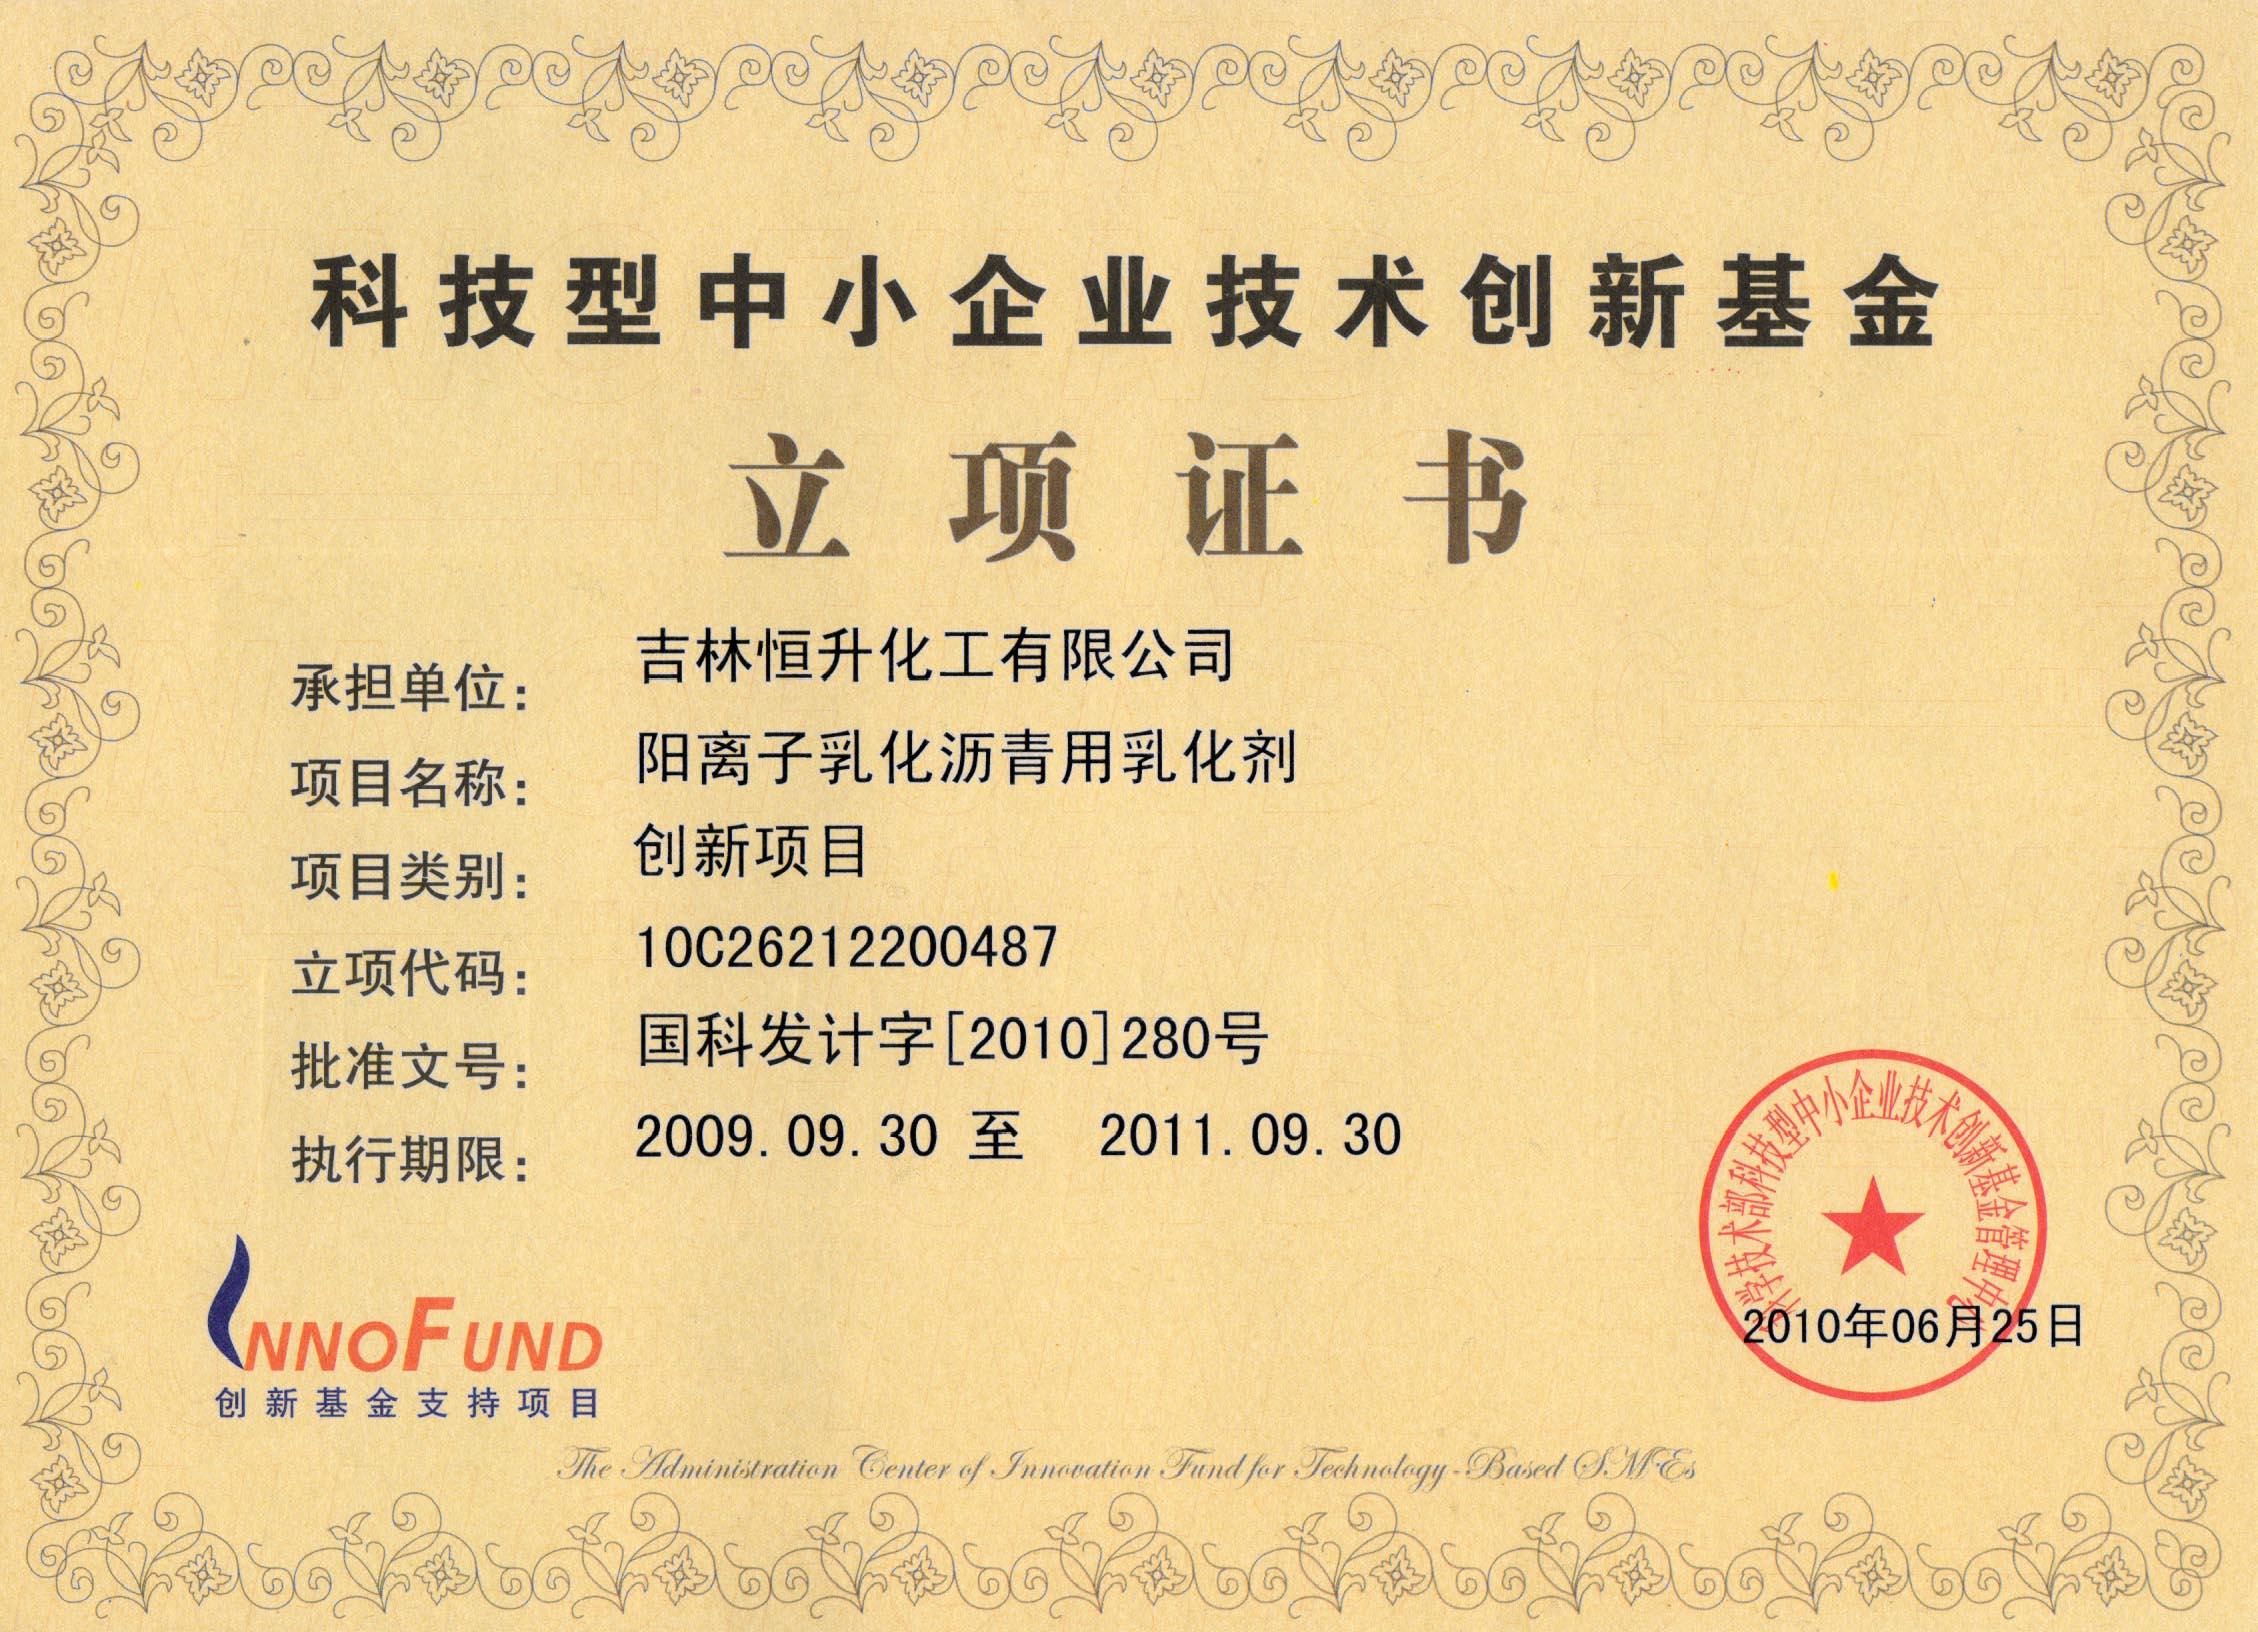 基金立项证书